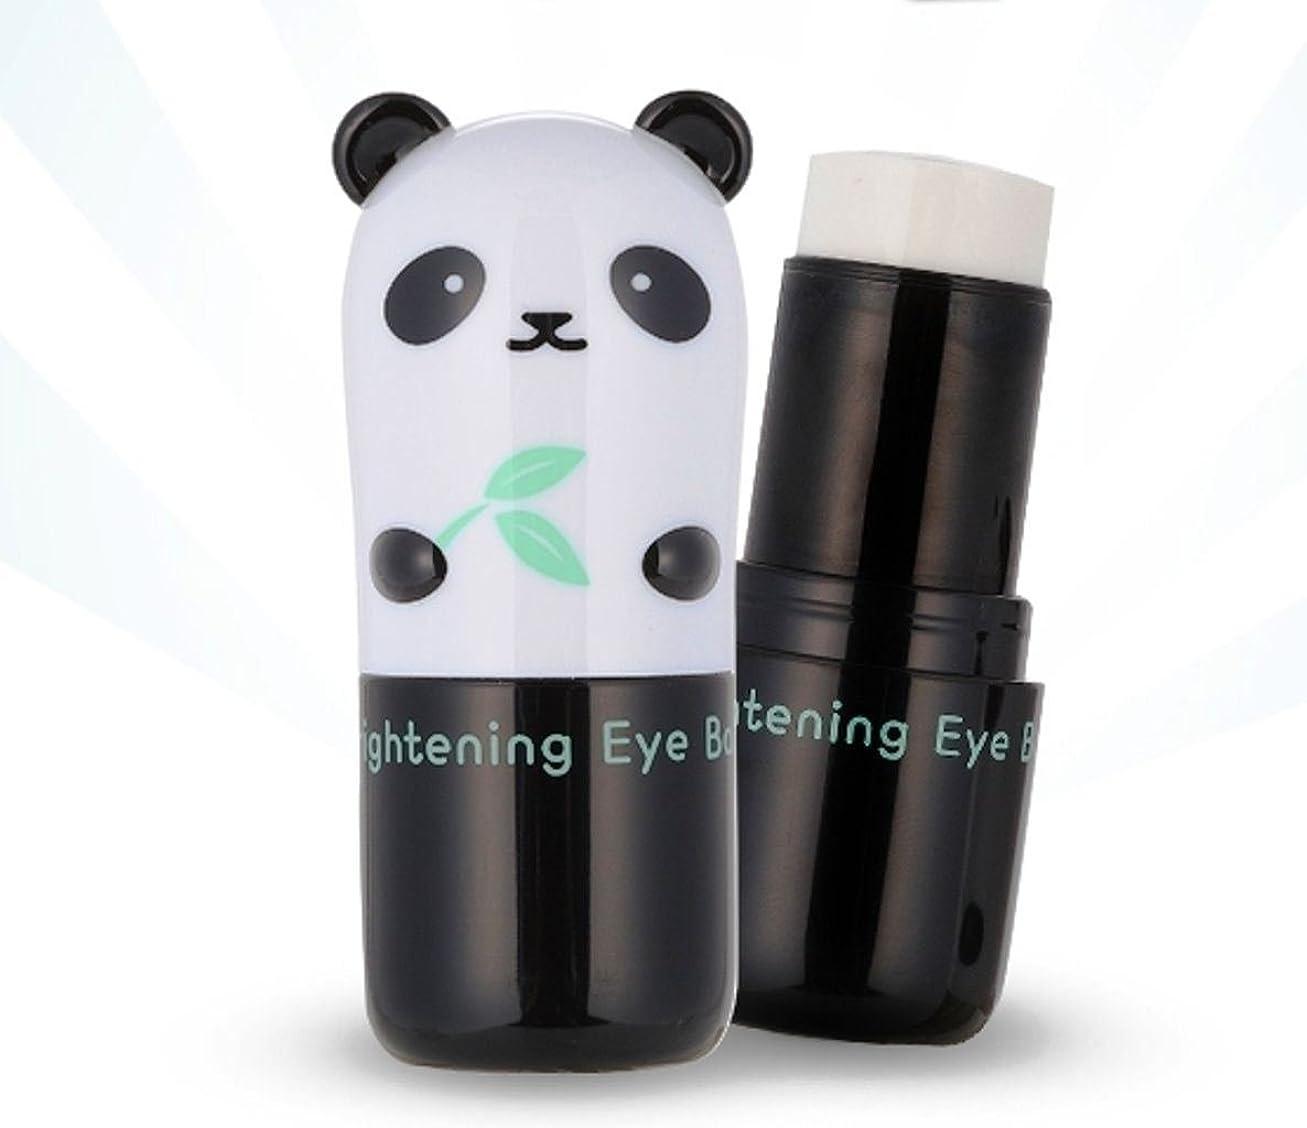 背骨霧深い条件付きTONYMOLY トニーモリー パンダズ?ドリム?ブライトニング?アイスティック 9g (Pandas Dream Brightening Eye Stick) 海外直送品